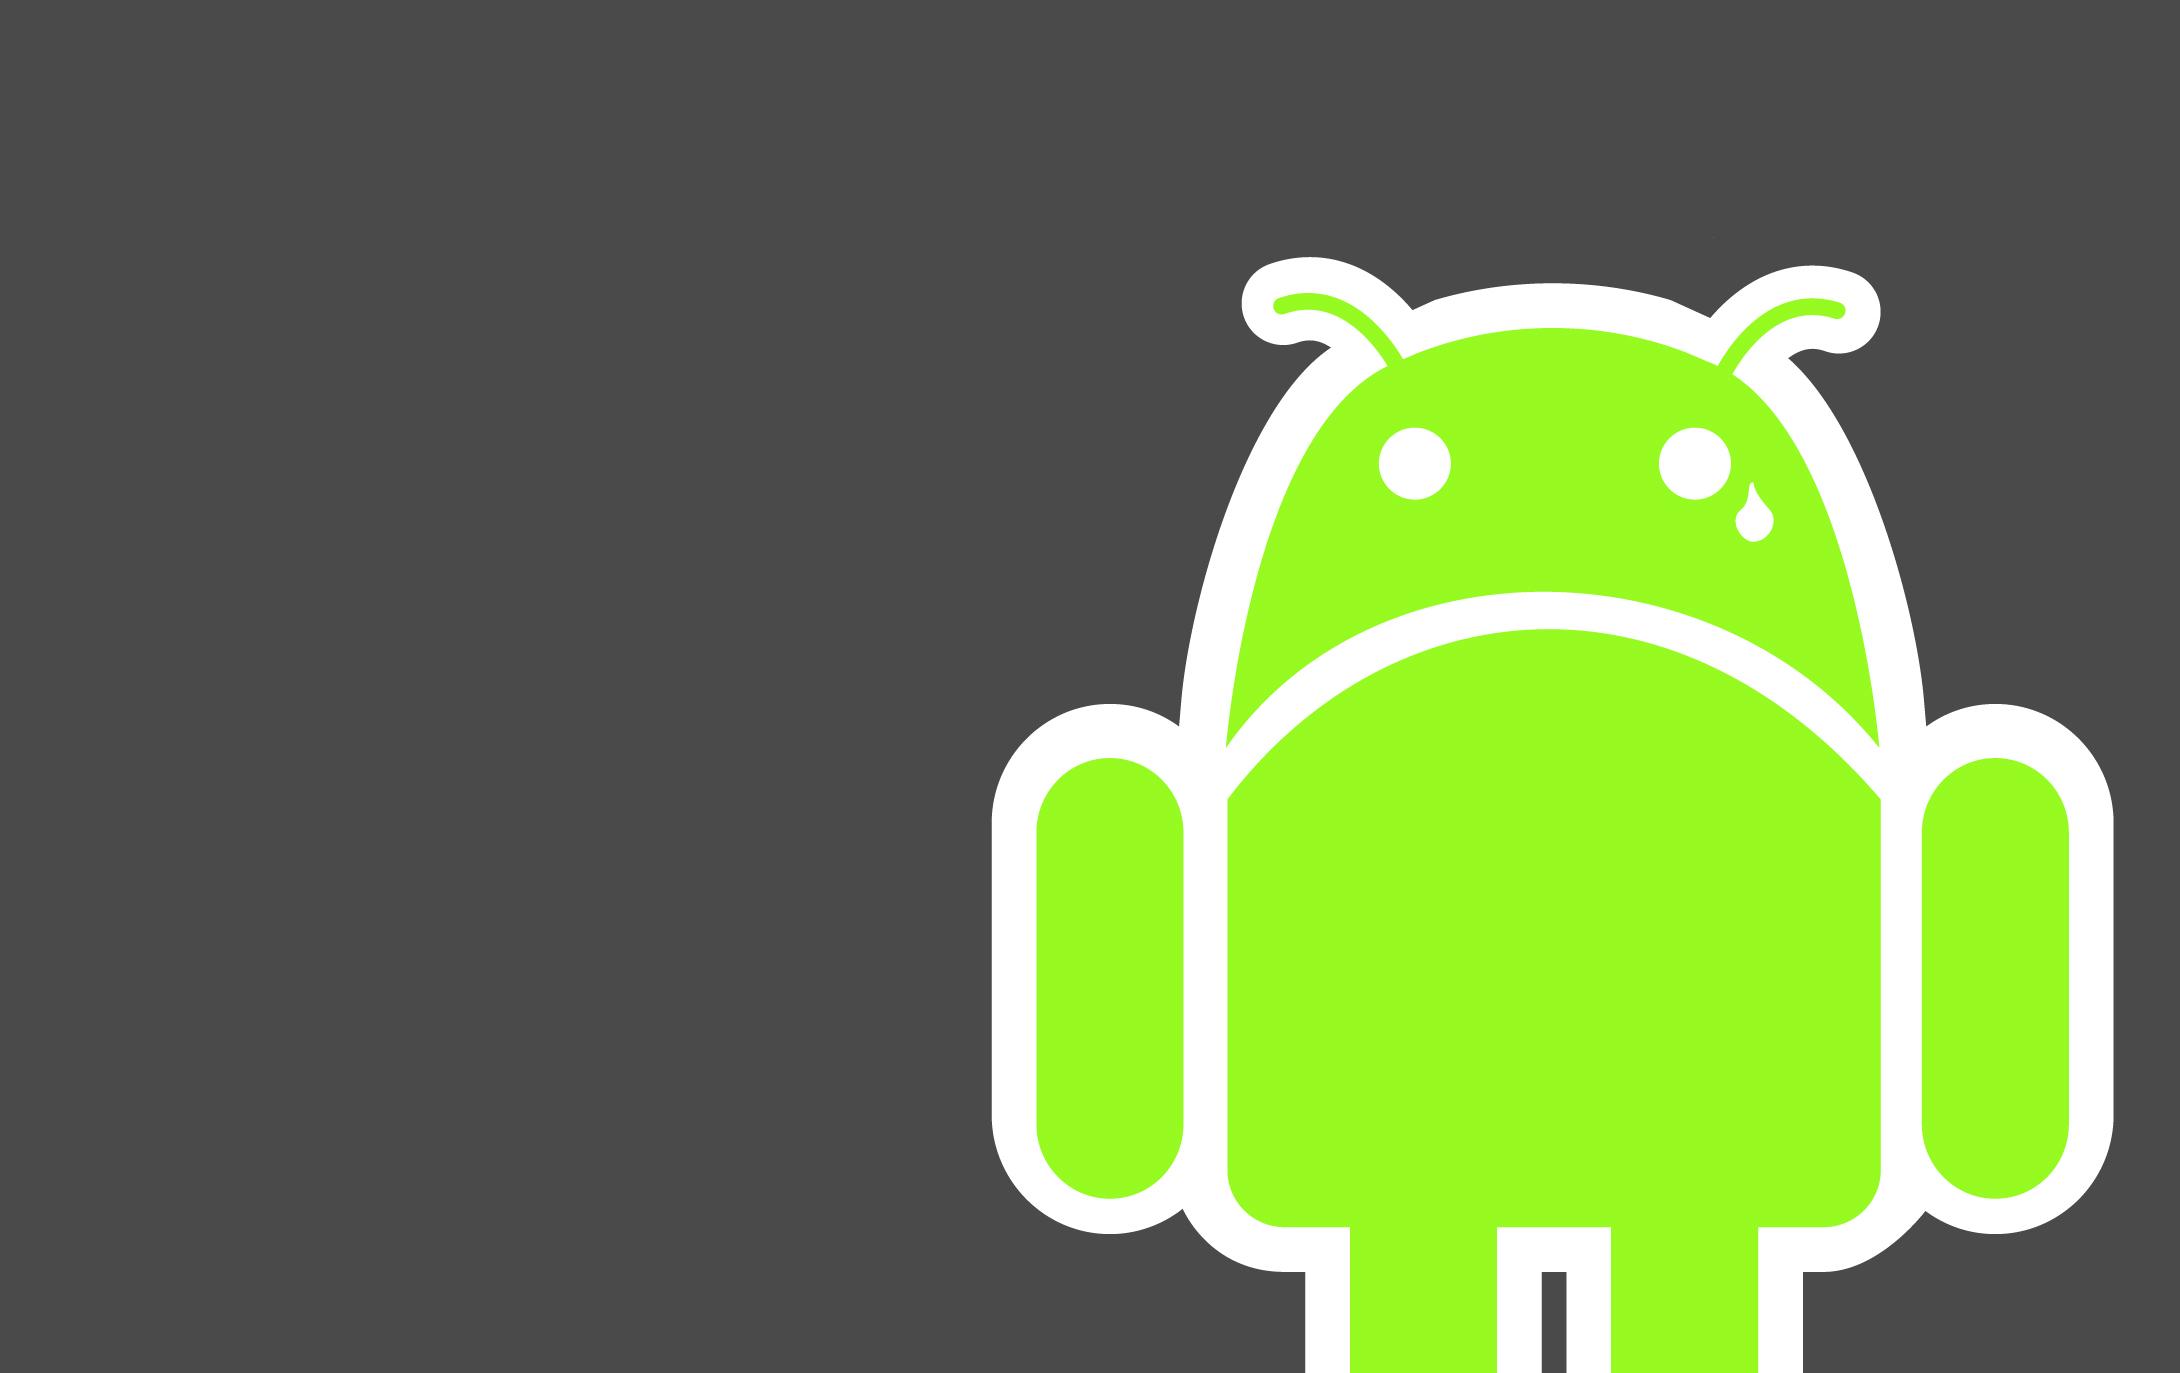 Google 5 adierazpena egin du milioi mila dolarreko zigorrarengatik!